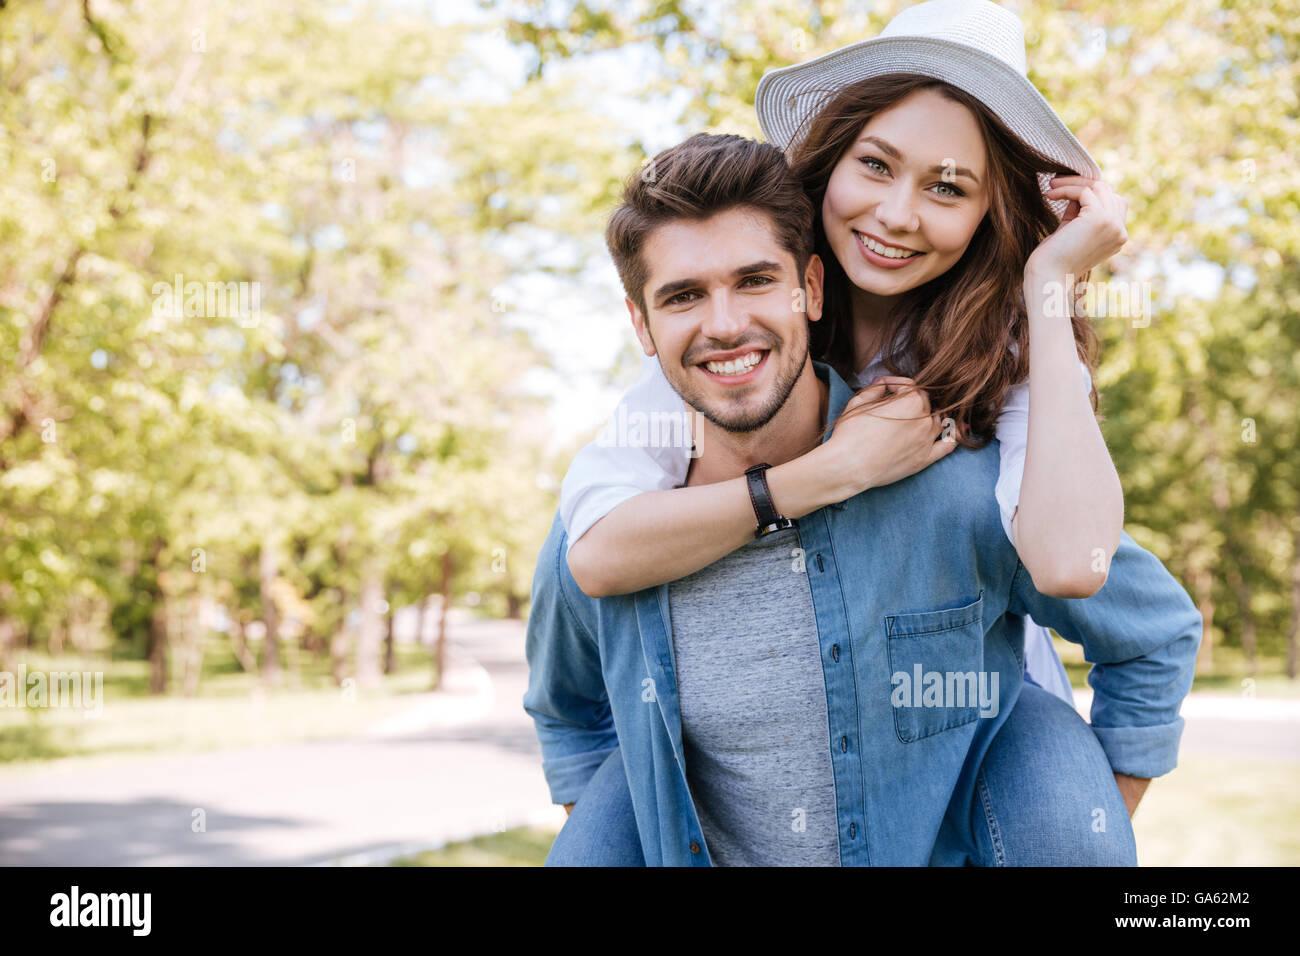 Ritratto di un giovane felice coppia sorridente avendo divertimento all'aperto nel parco Immagini Stock